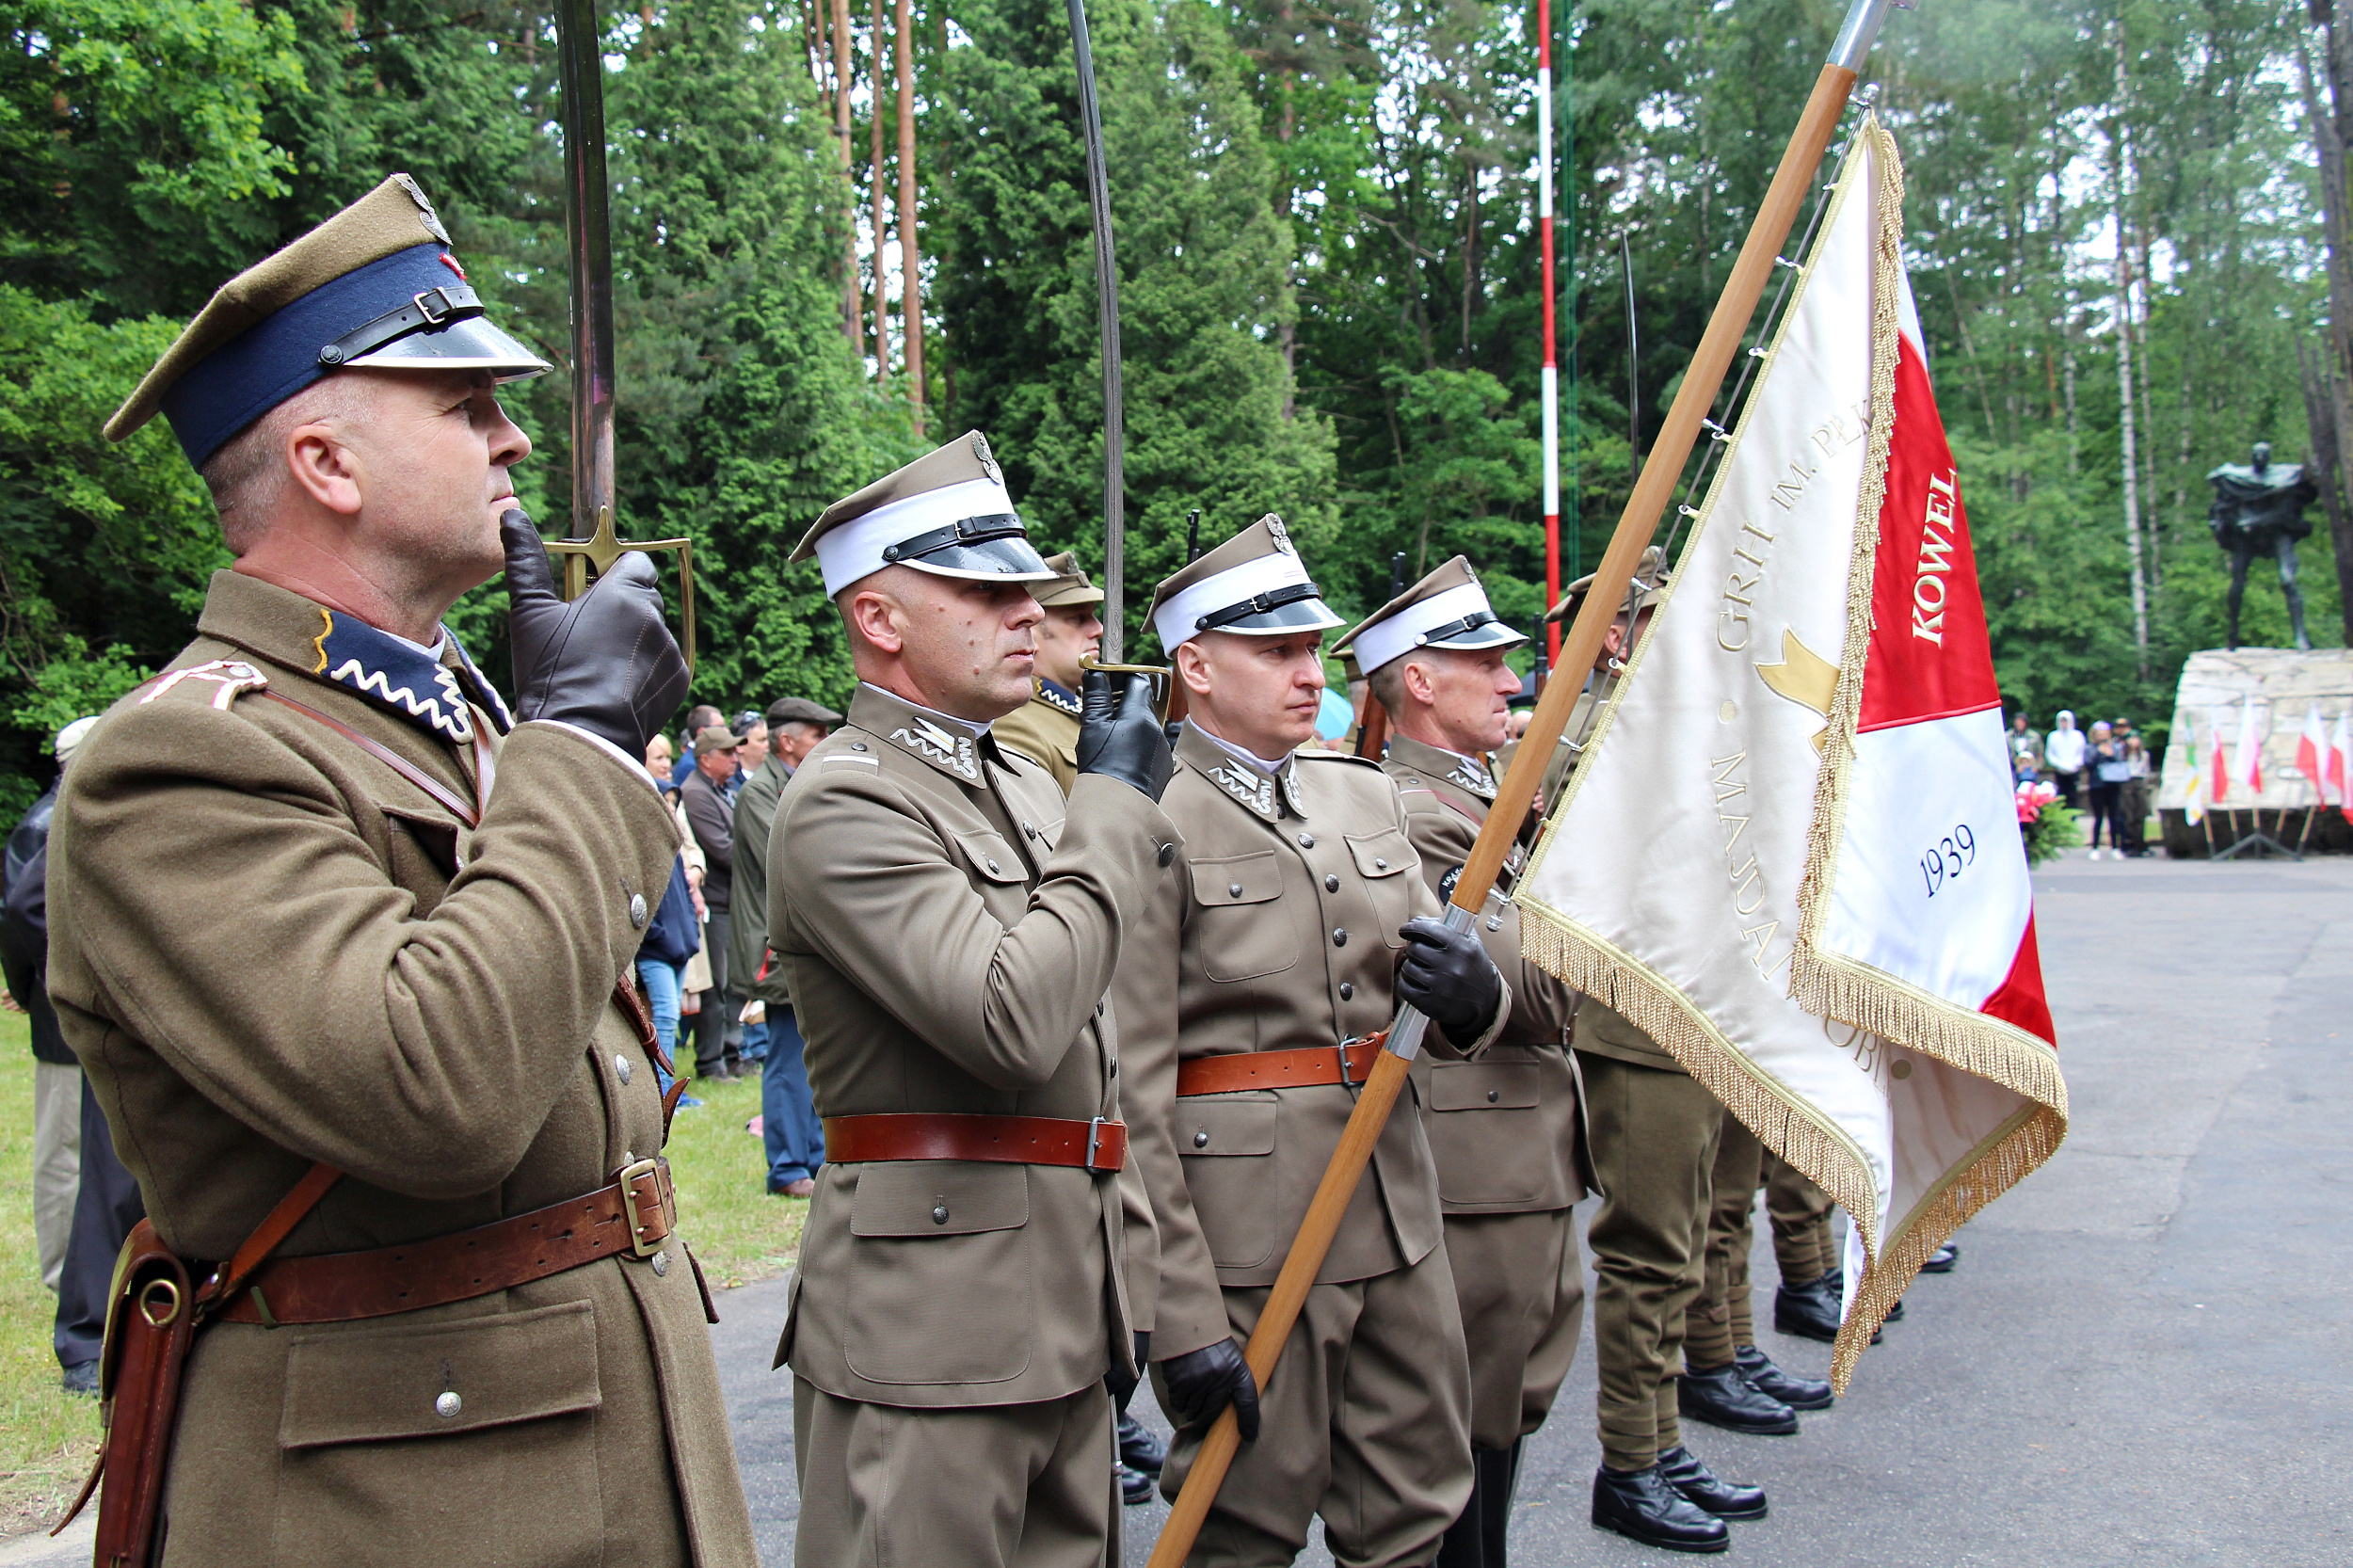 W 77. rocznicę Bitwy Partyzanckiej na Porytowym Wgórzu – fotogaleria cz. 1